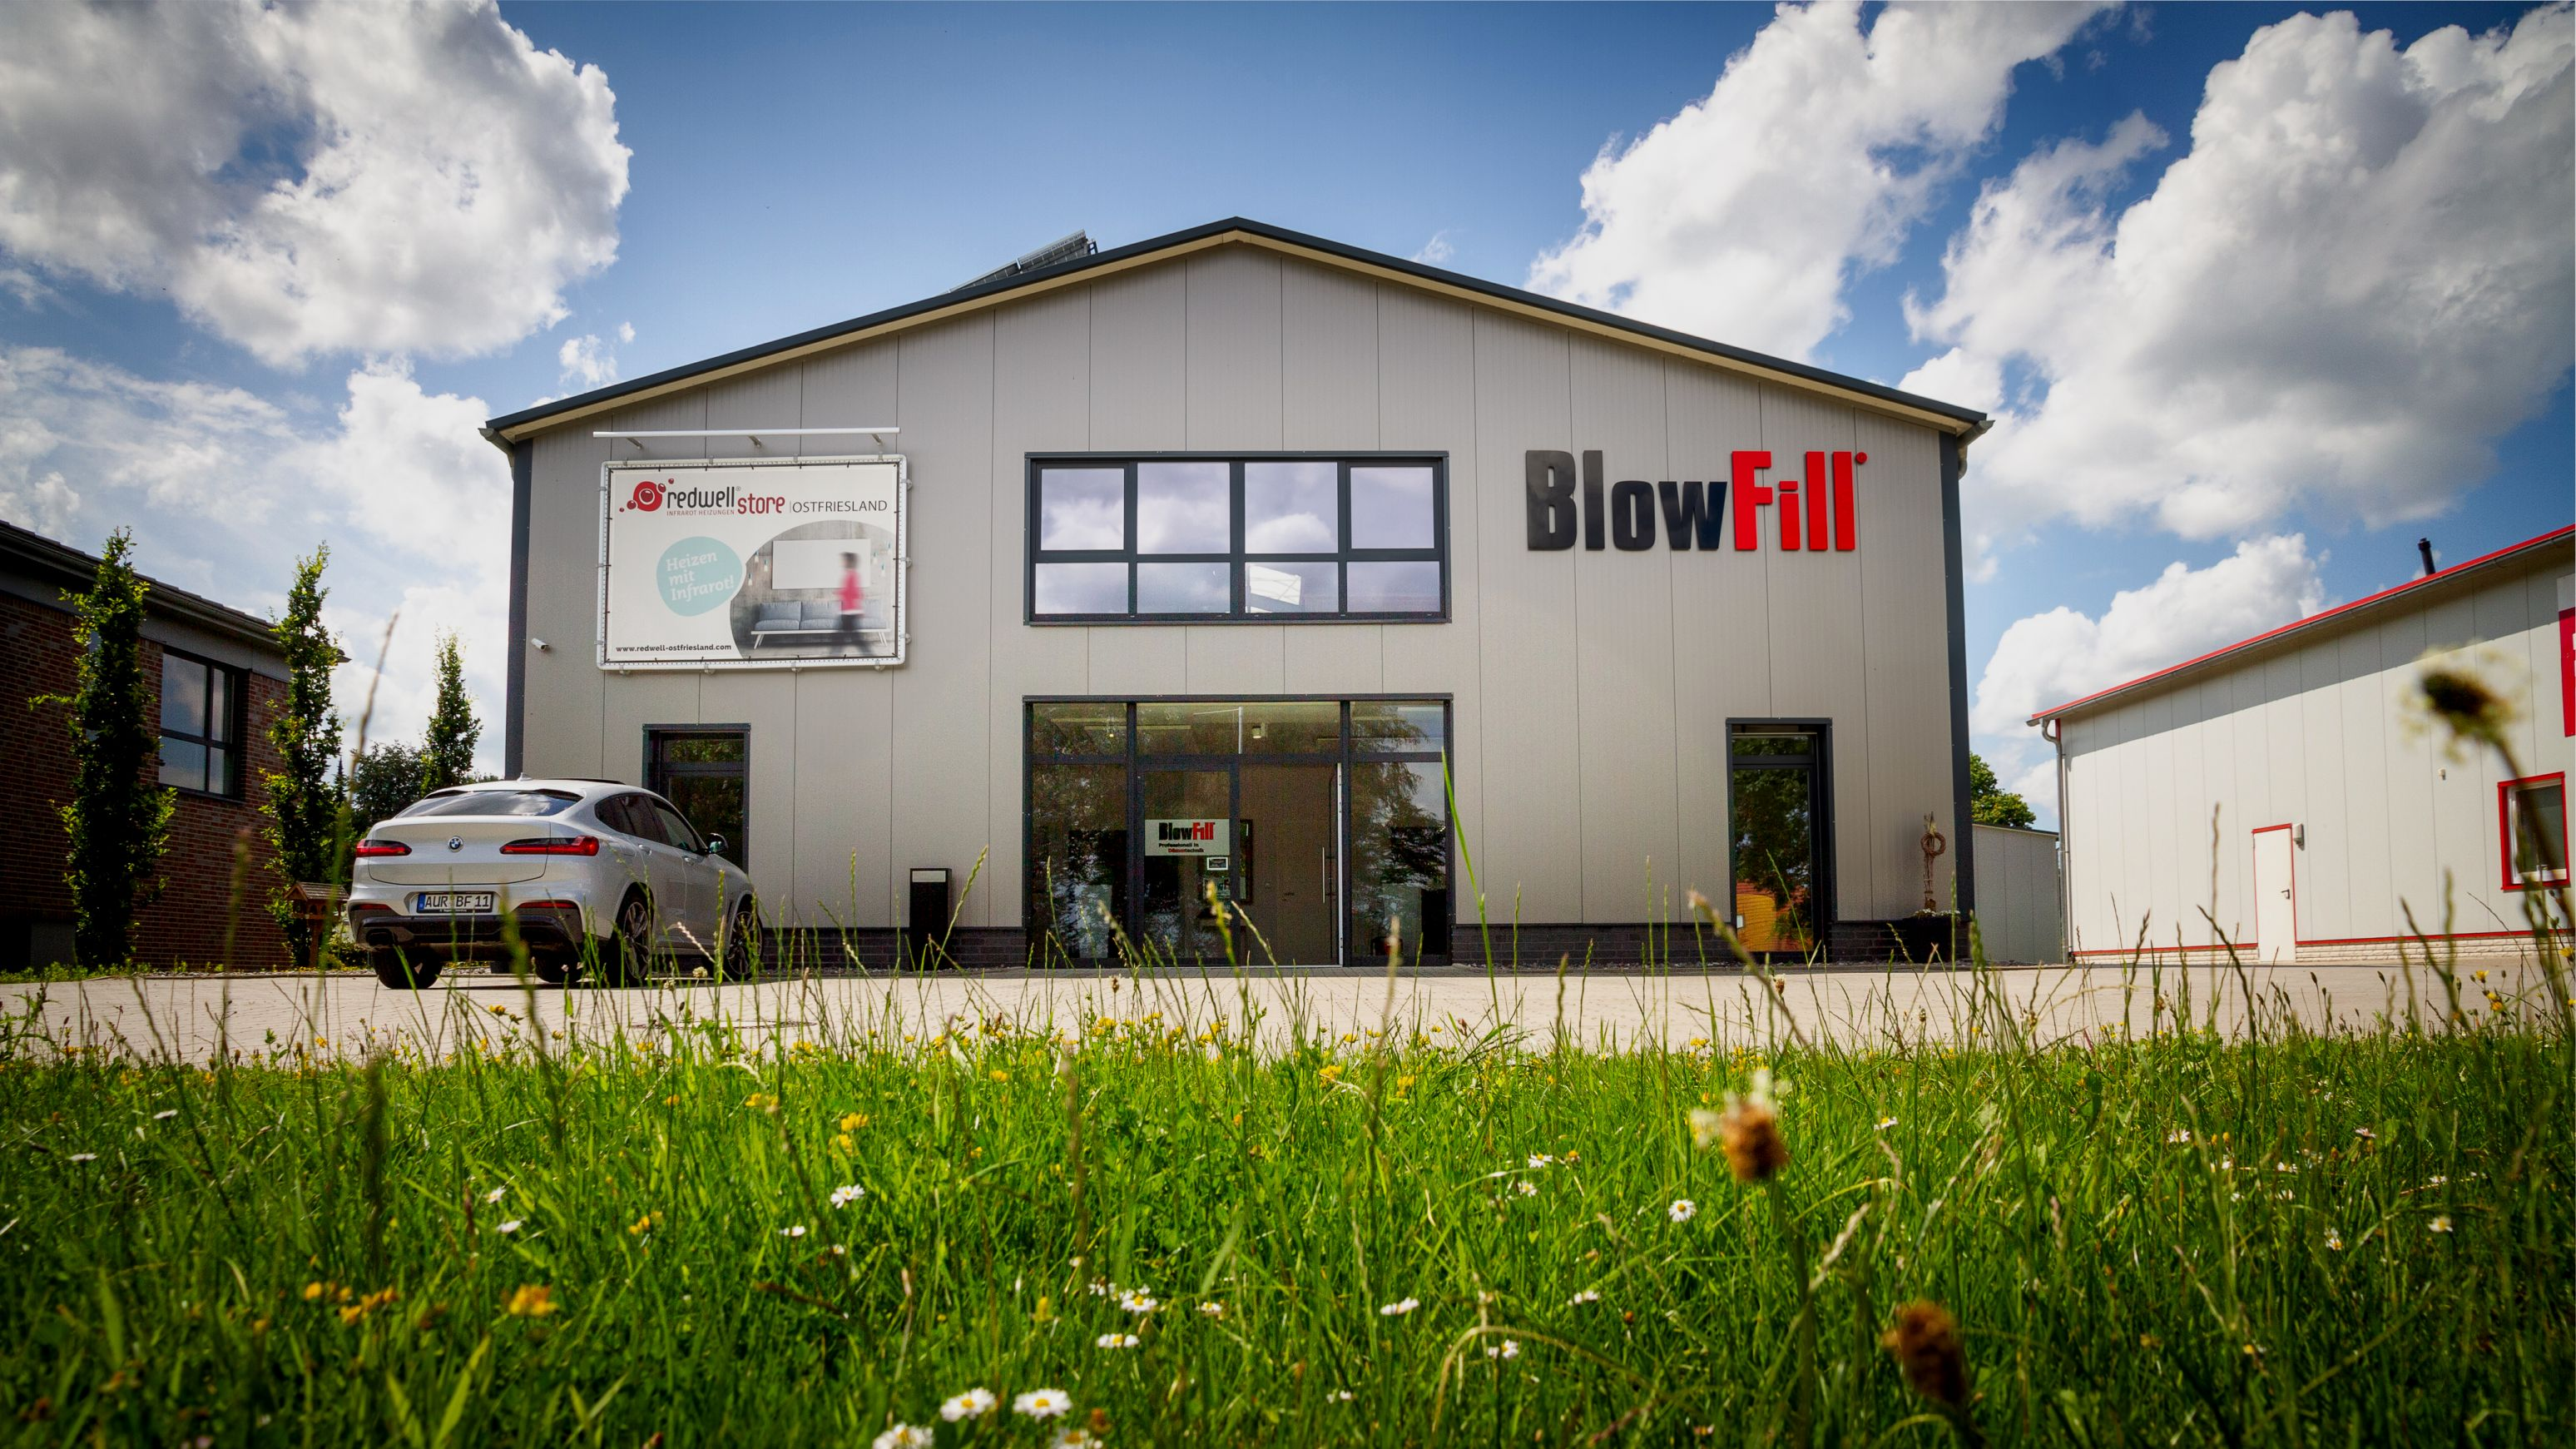 Blowfill